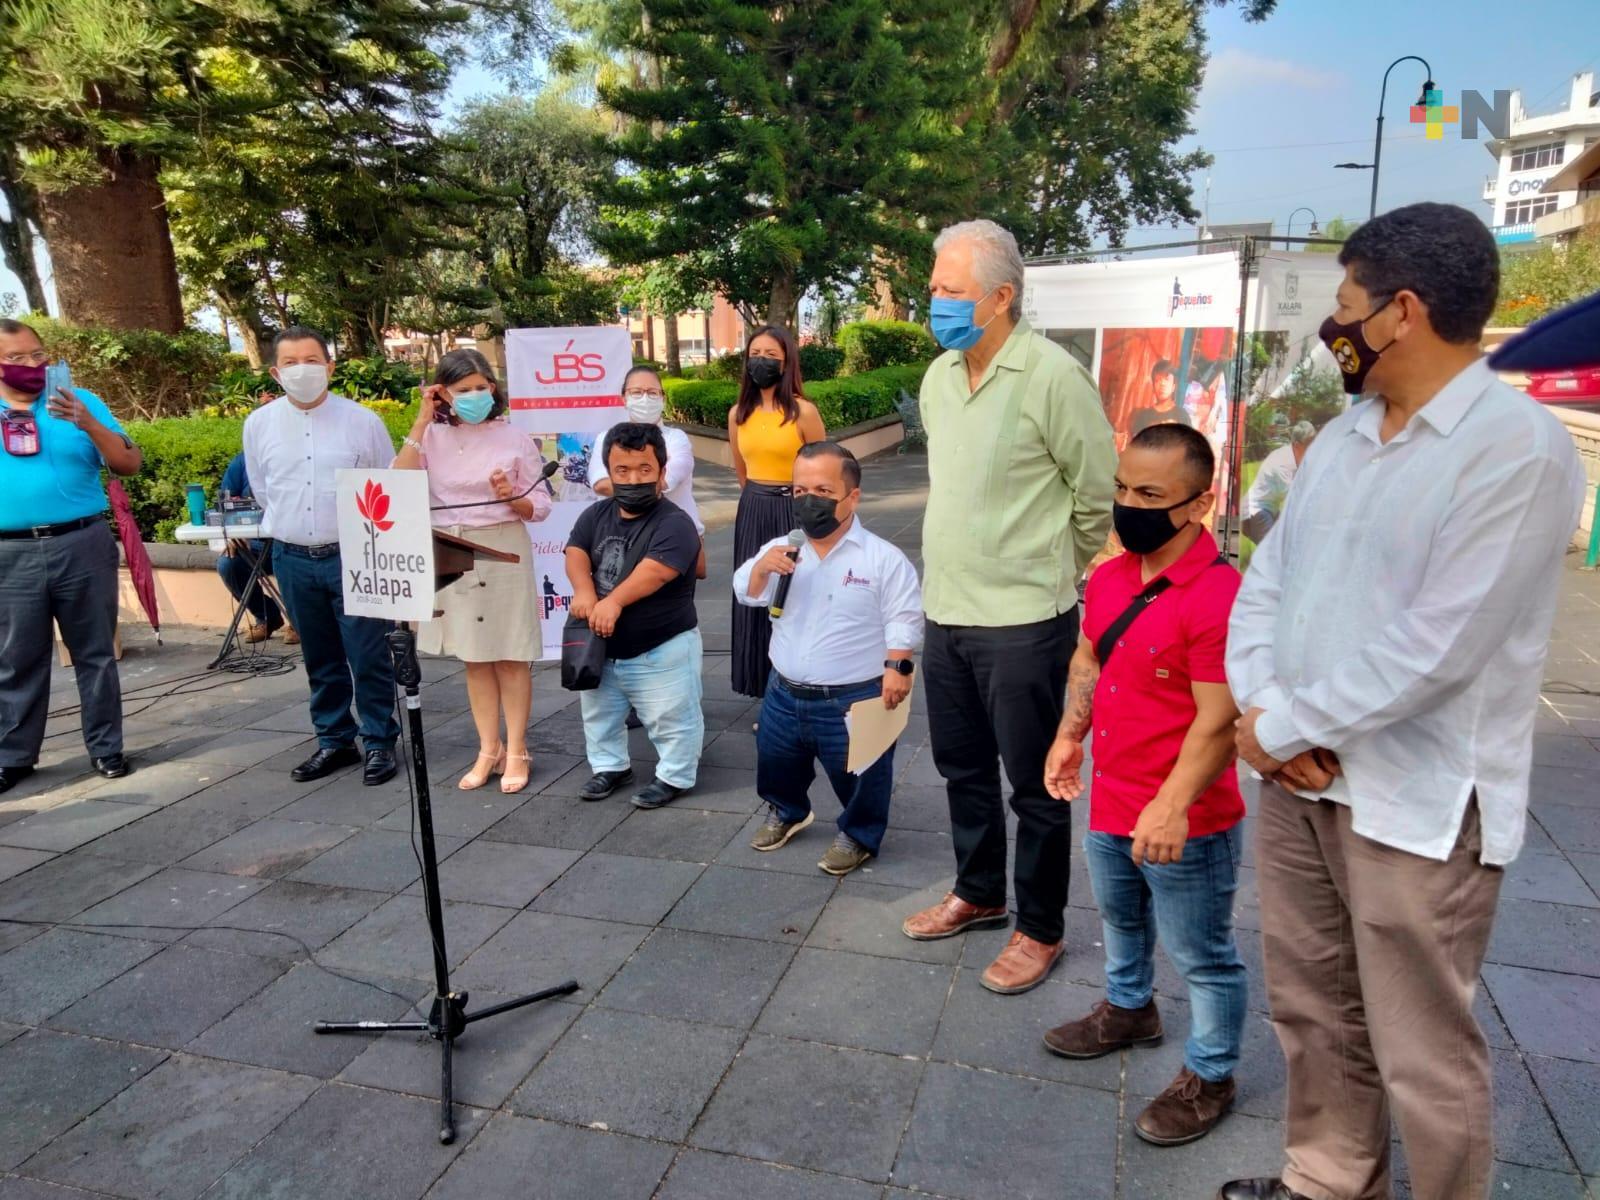 «Gente pequeña» pugna por adecuación de espacios y servicios públicos